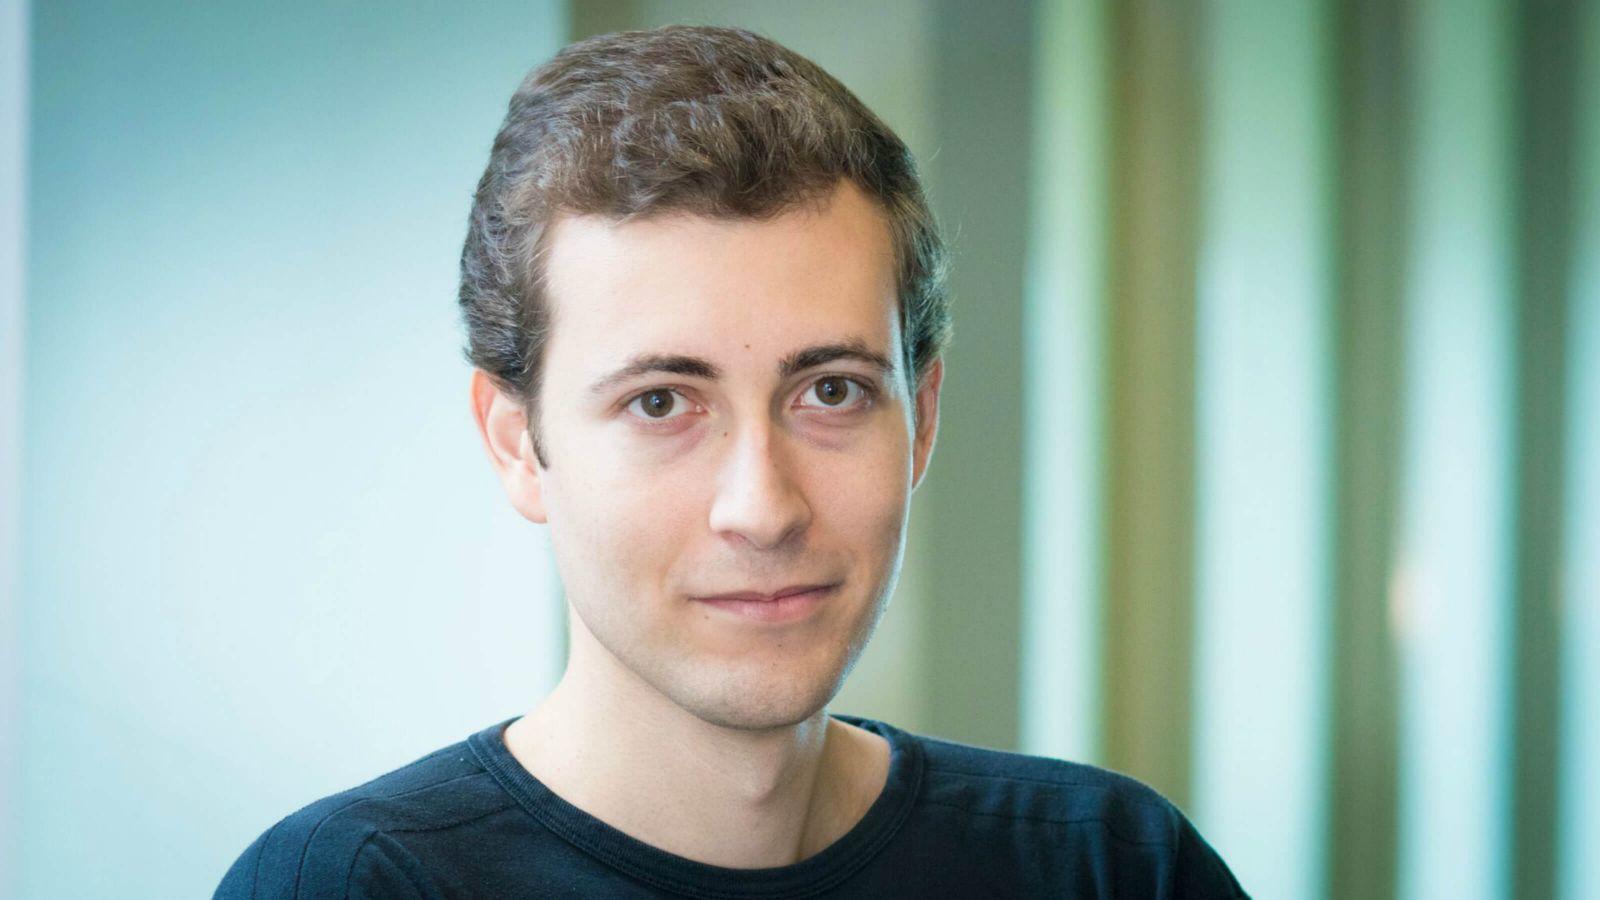 Alexandre Sawczuk da Silva is an Engineering PhD candidate